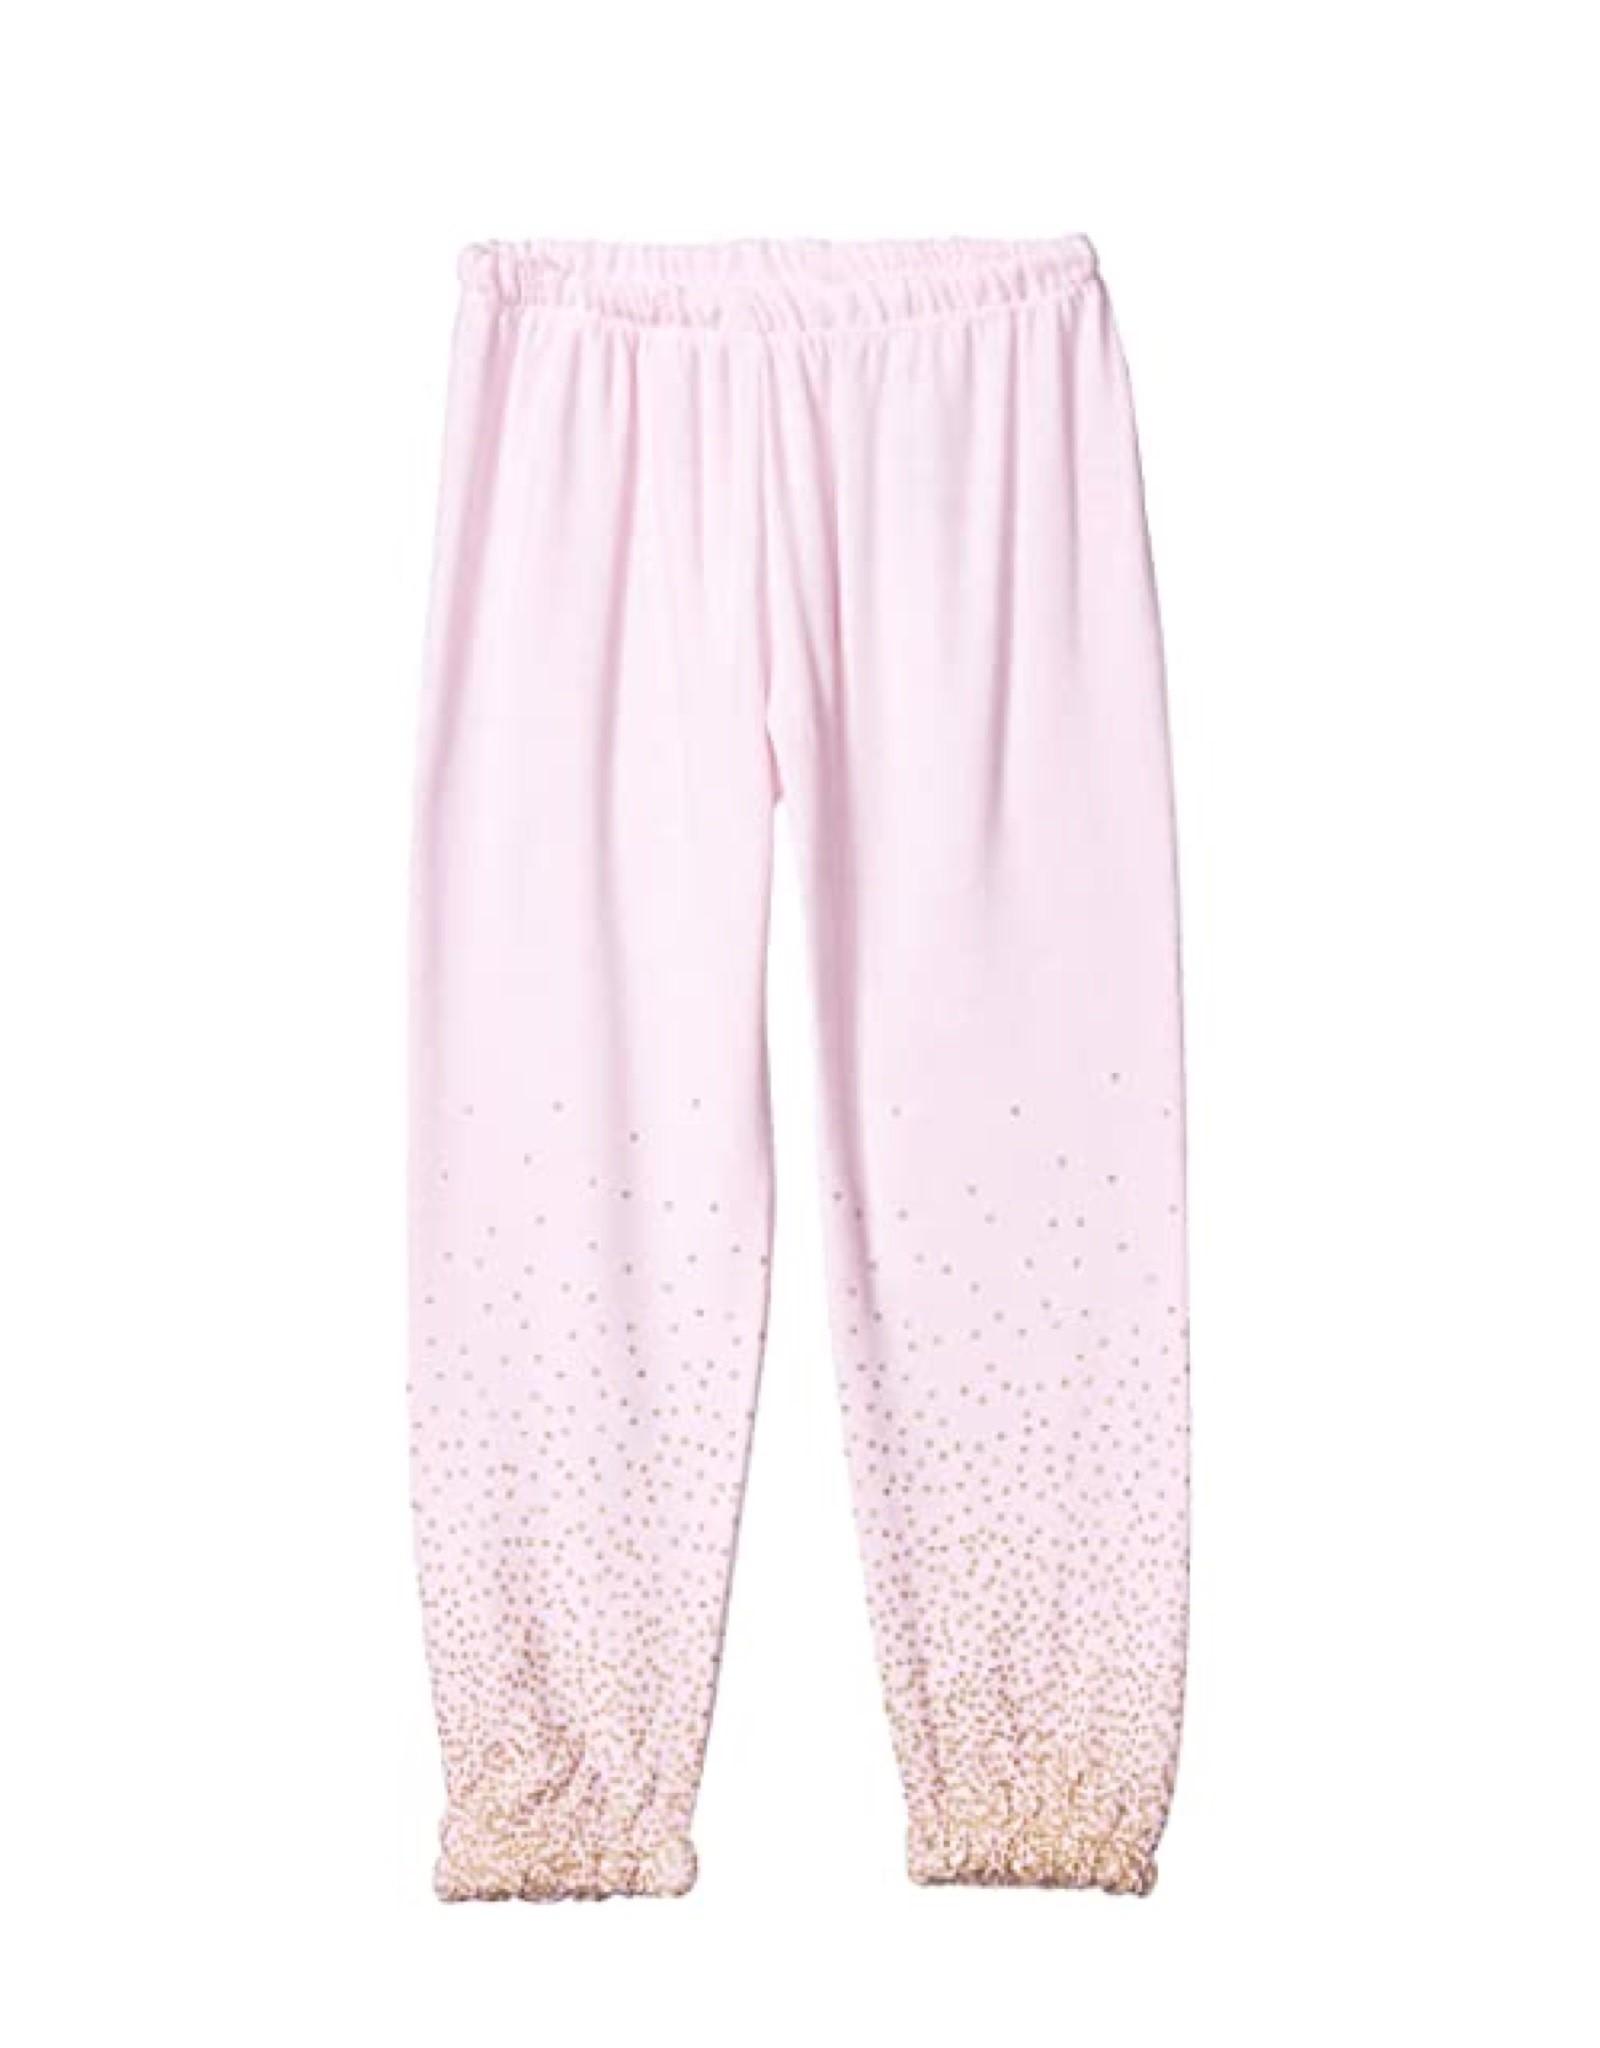 Chaser Brand Glitter Pants